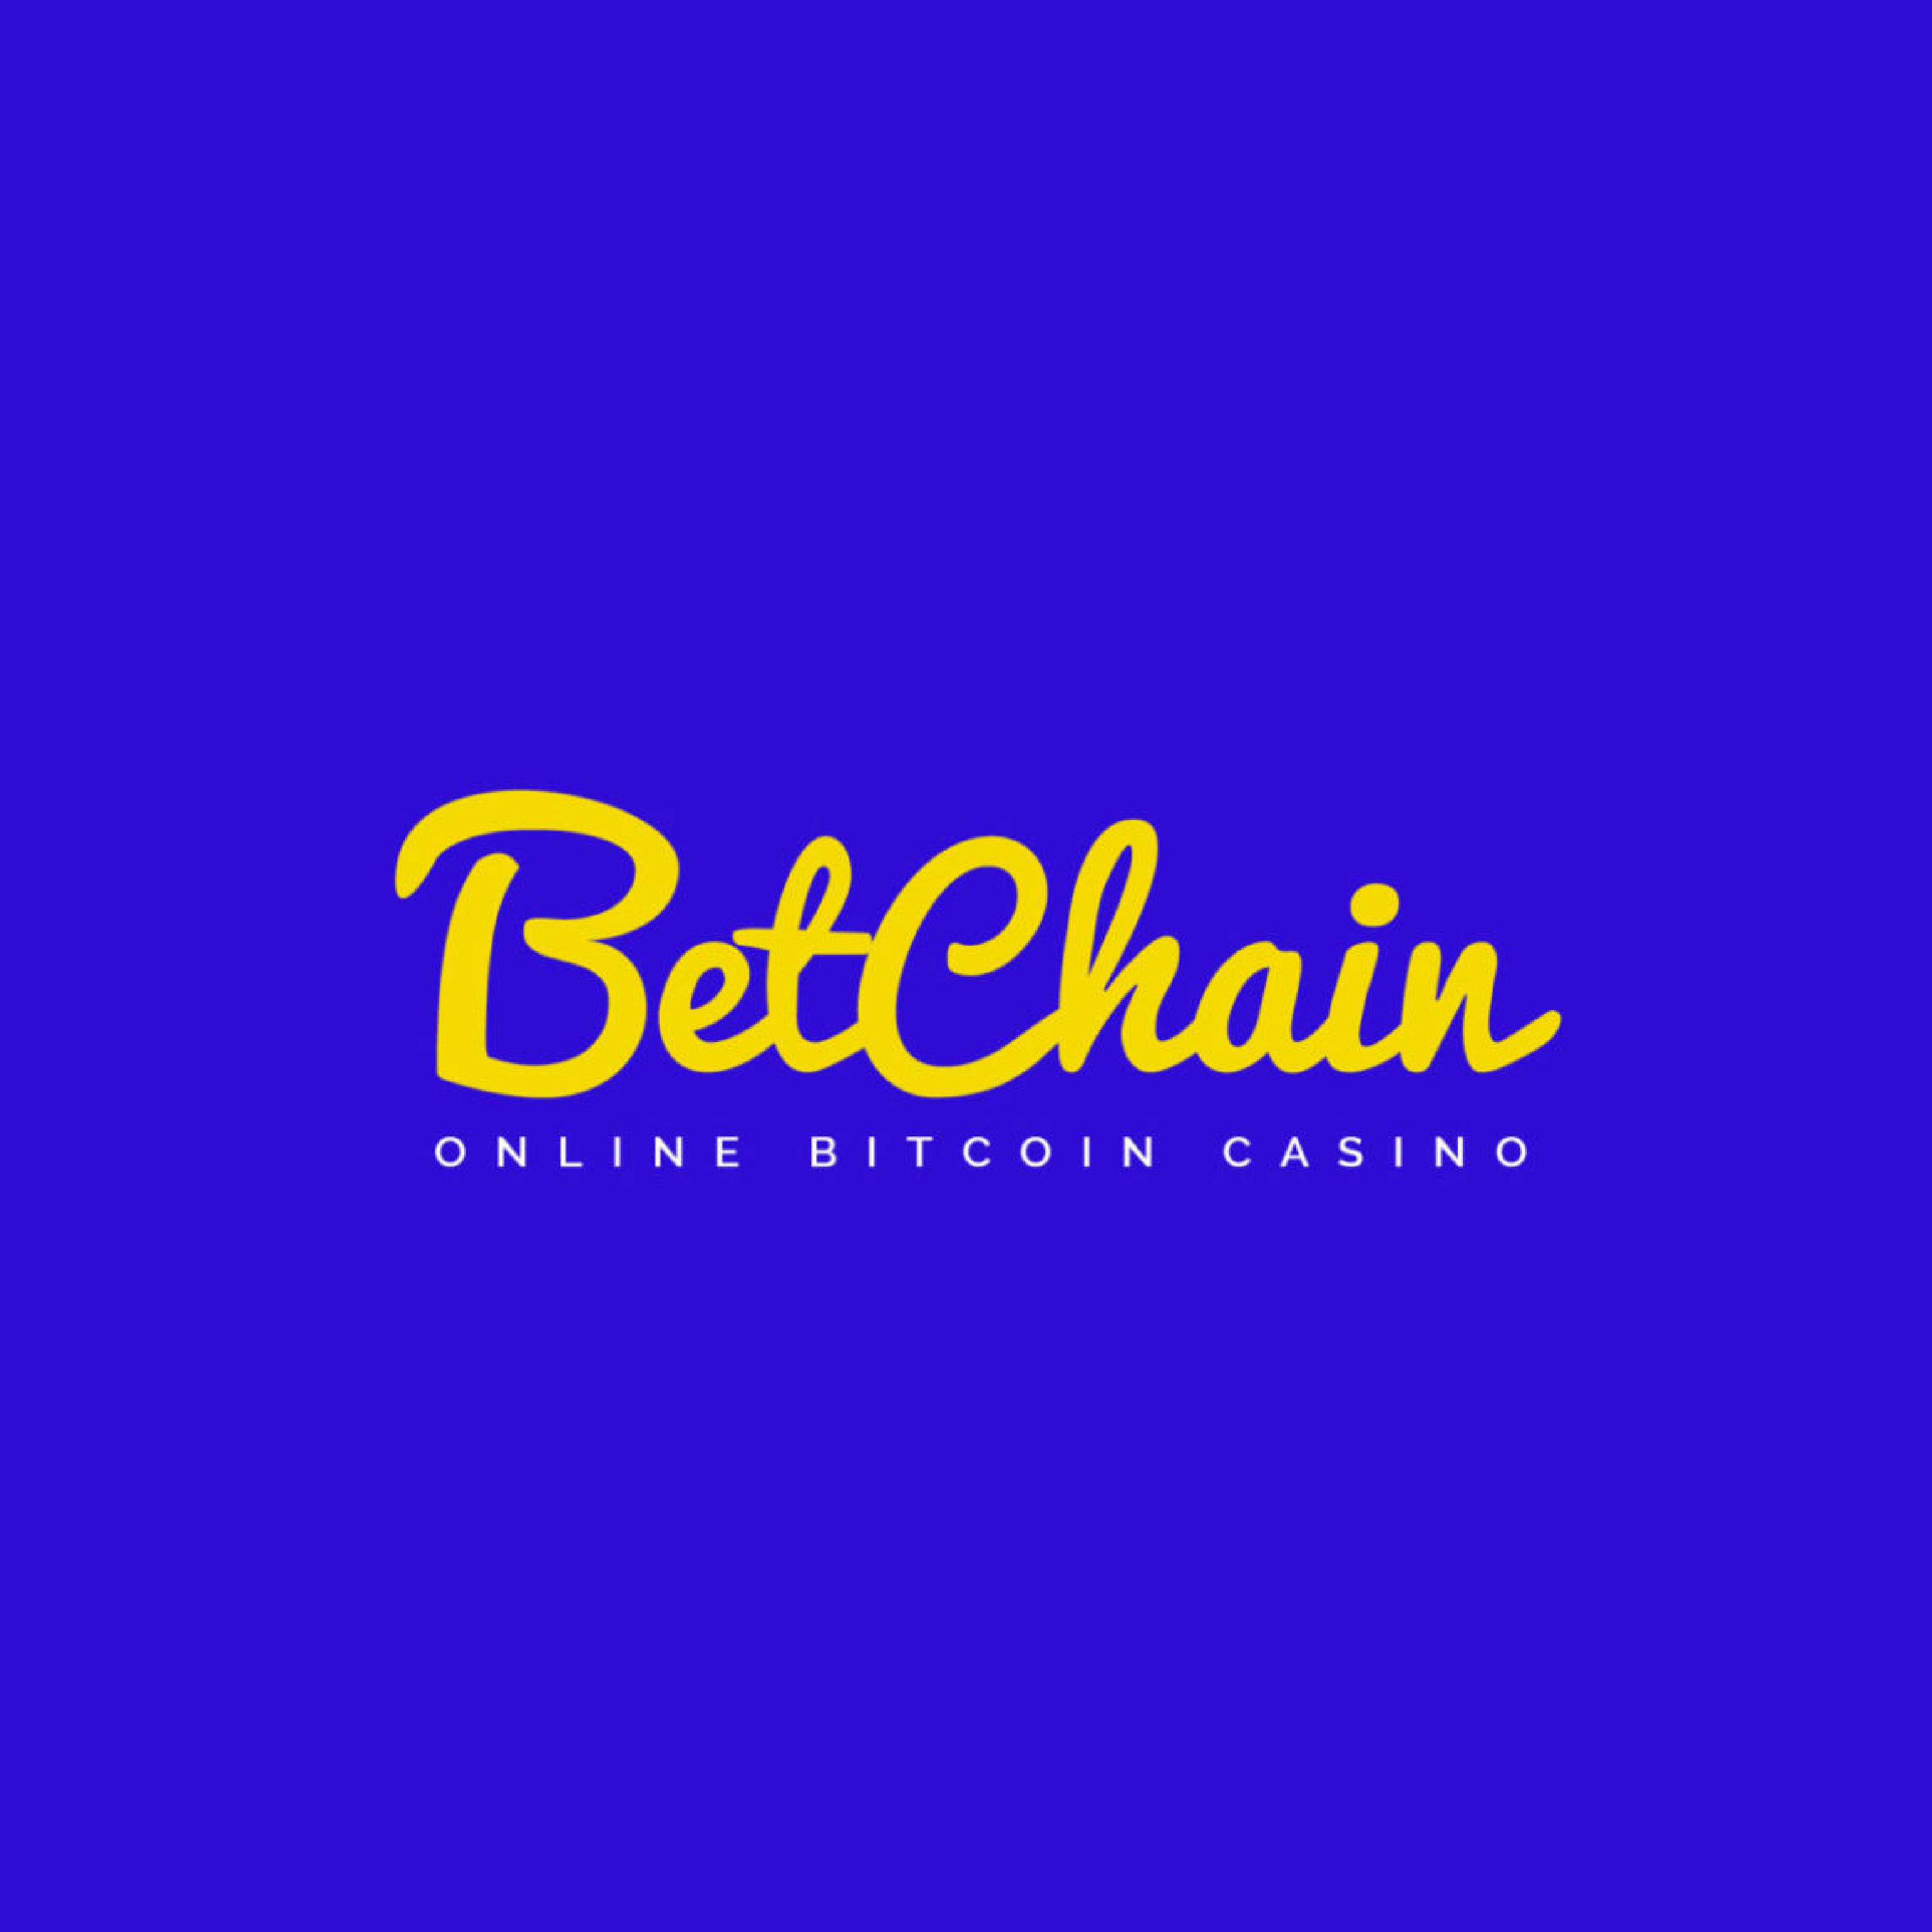 Book of ra online echtgeld casino